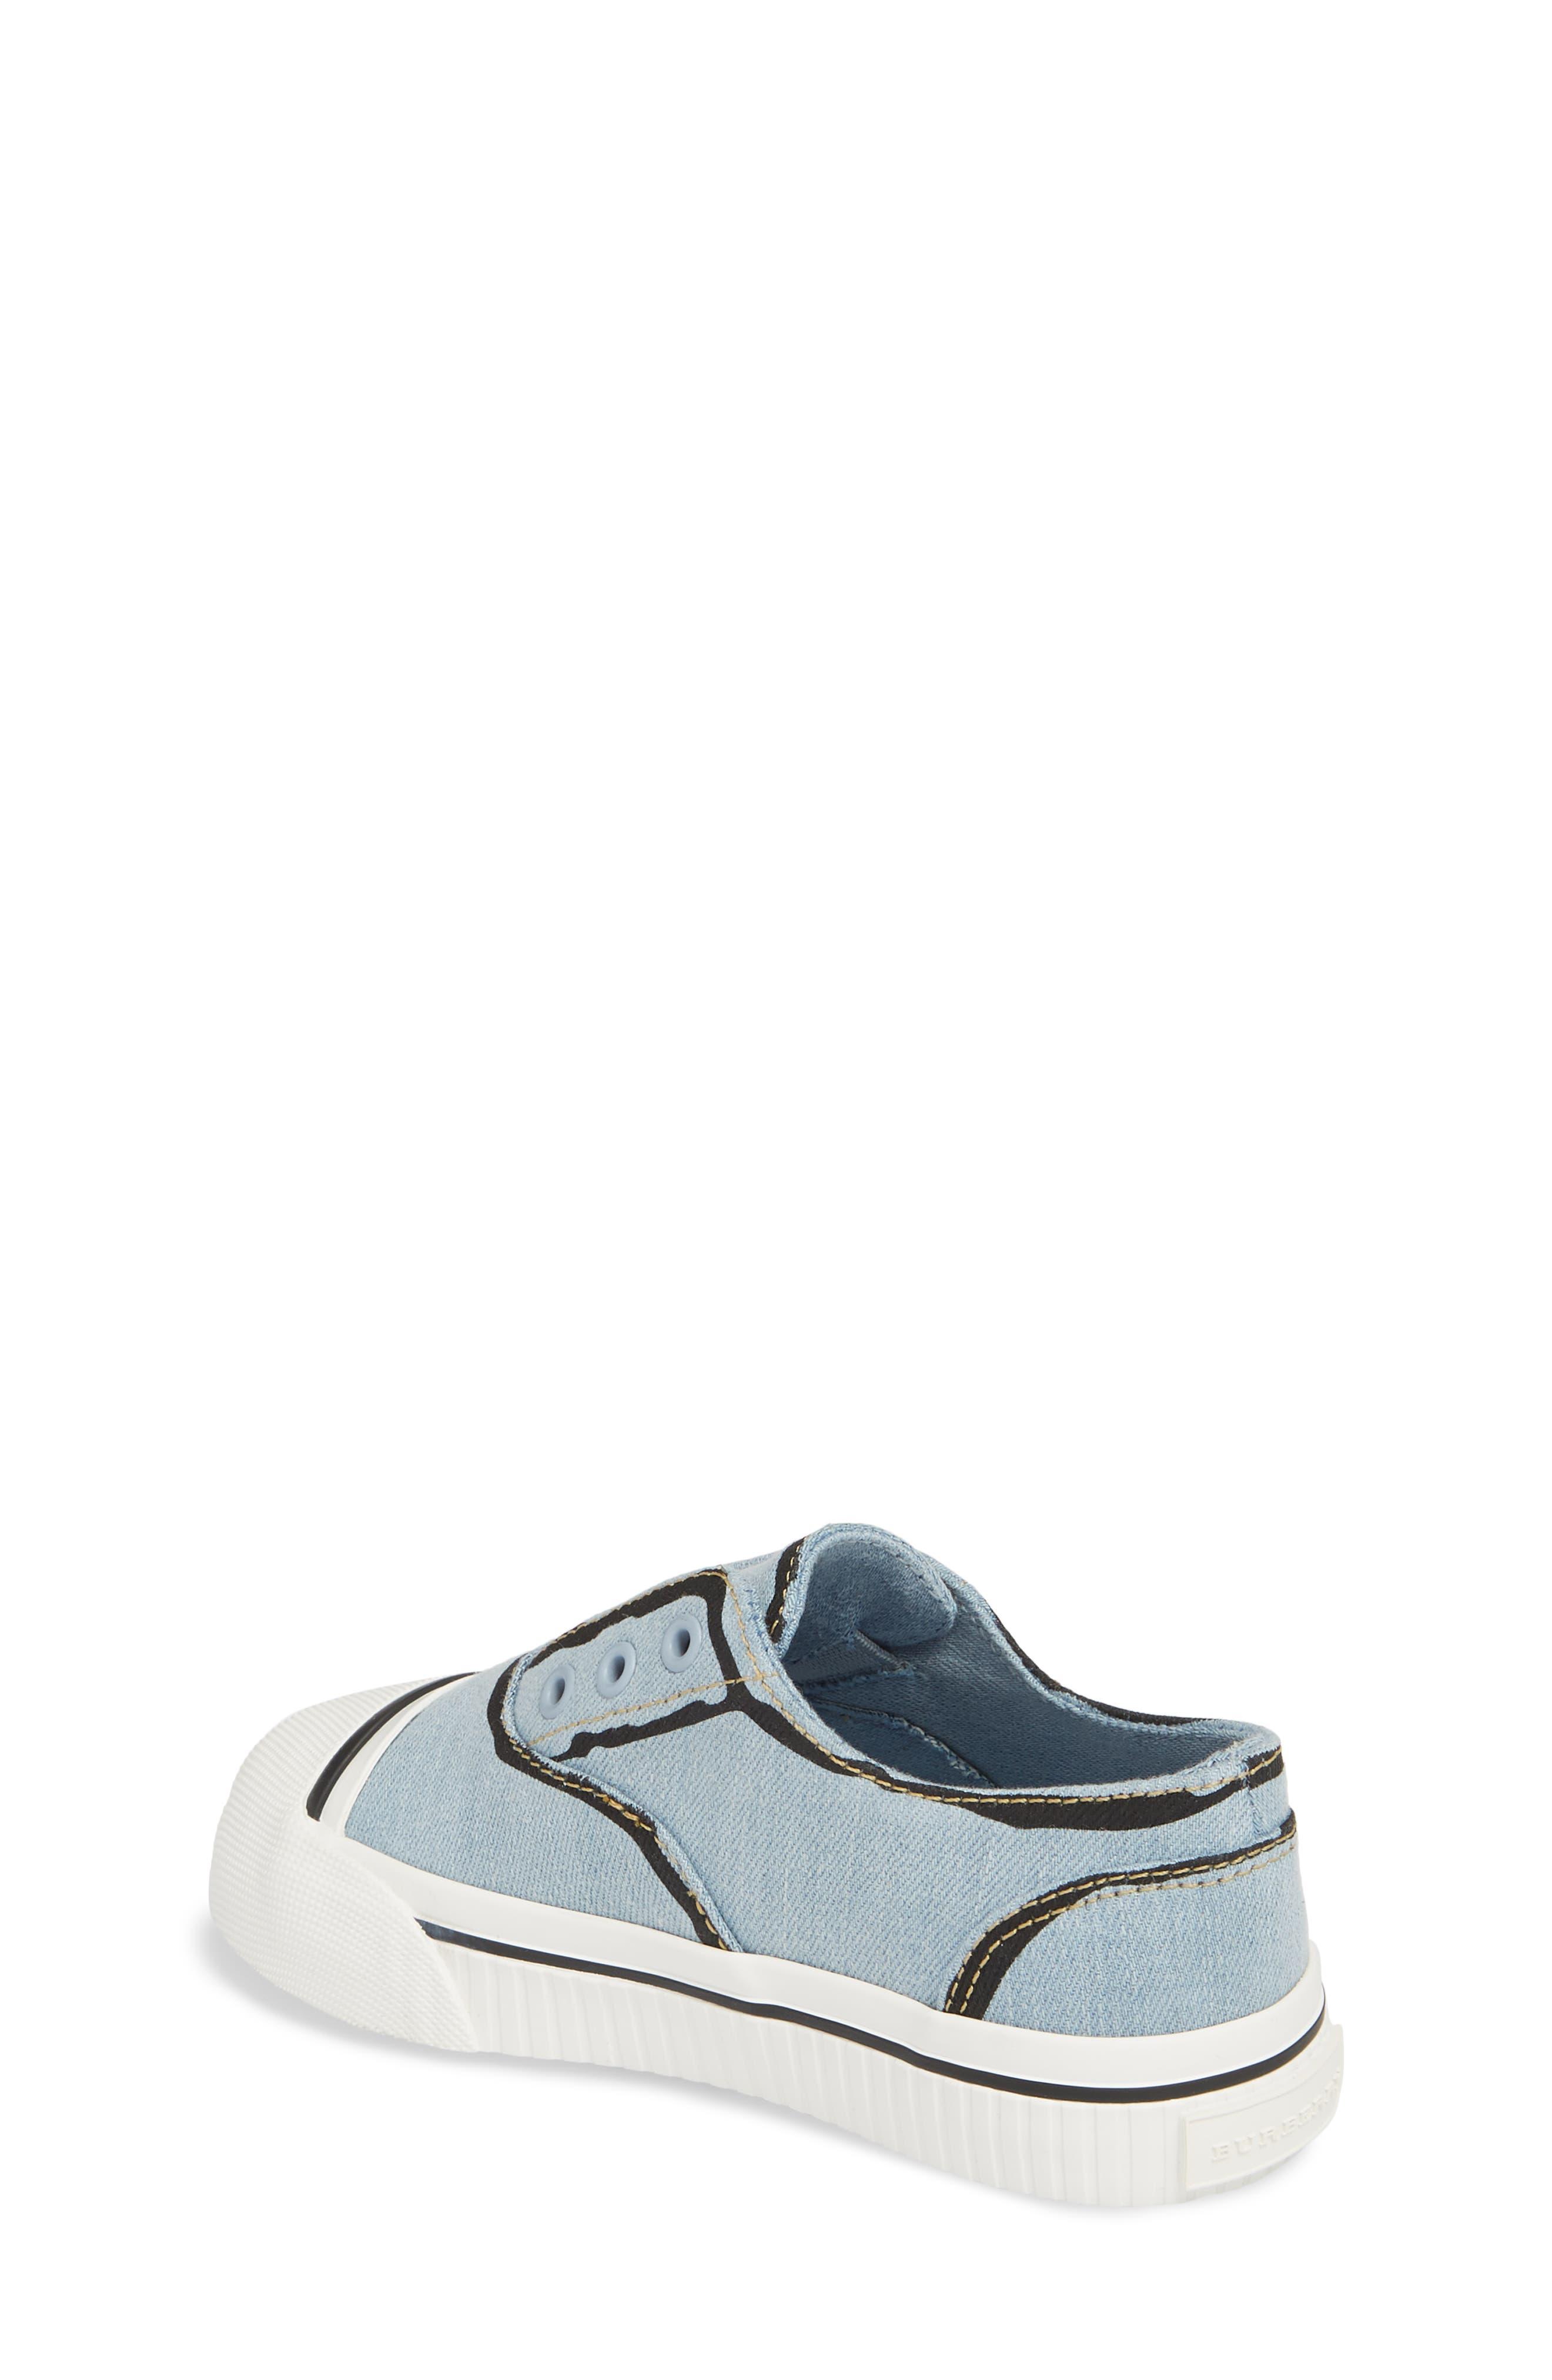 Alternate Image 2  - Burberry Lipton Slip-On Sneaker (Walker & Toddler)